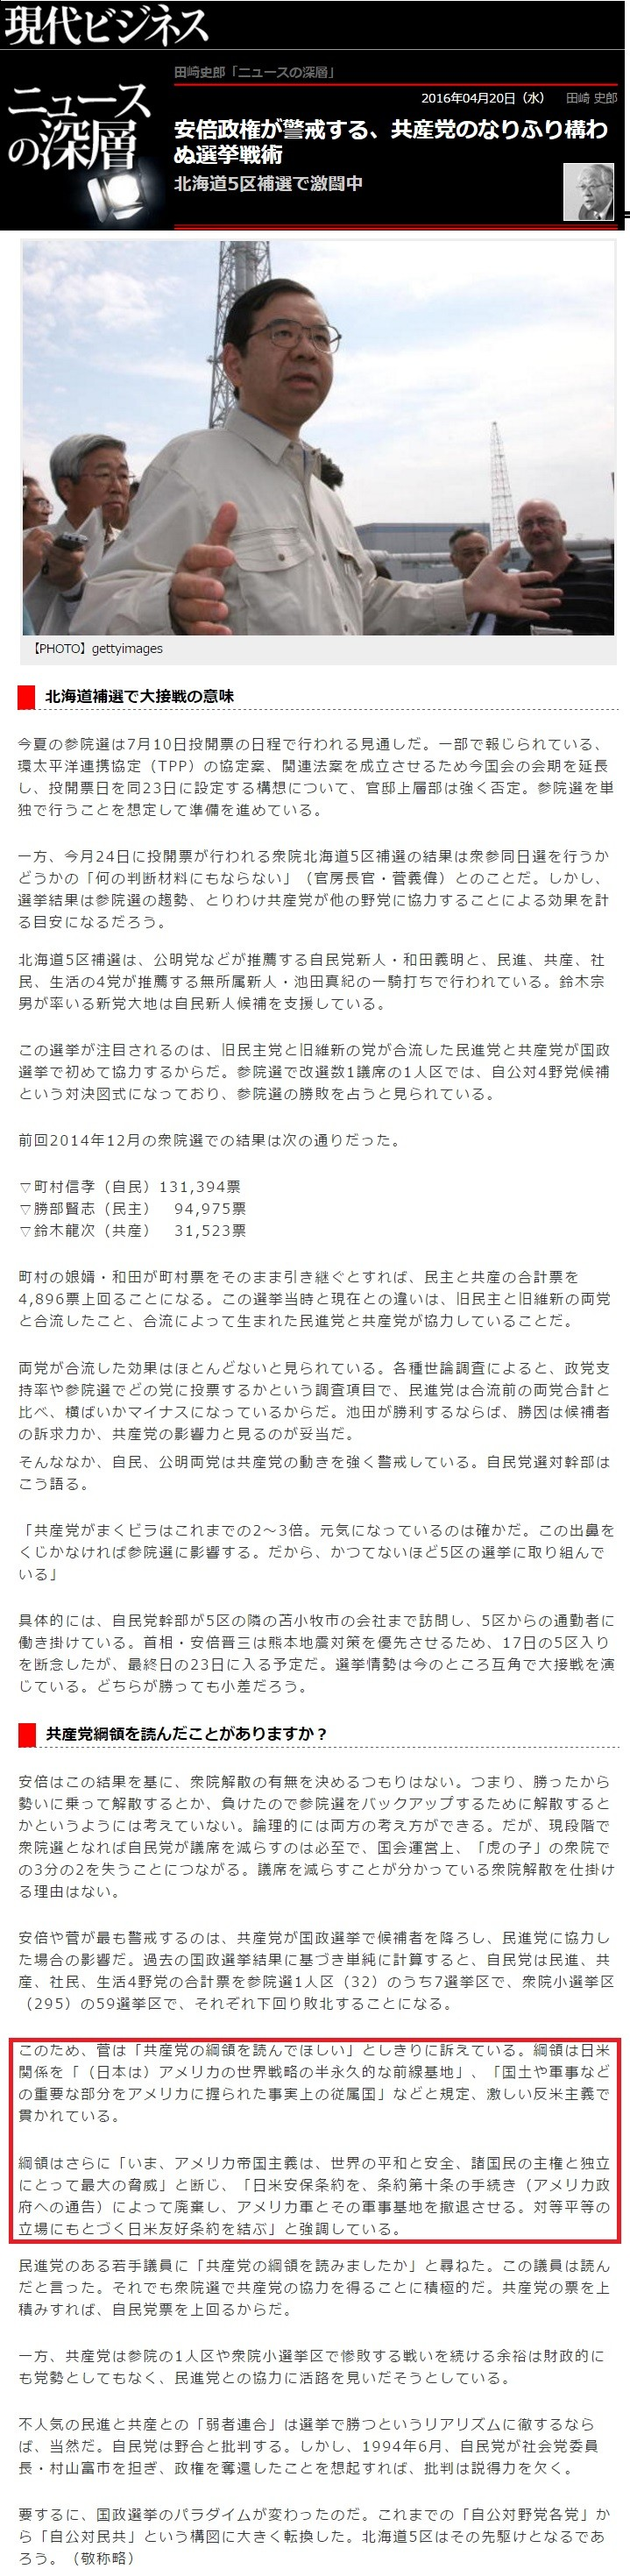 民共合作+小沢2